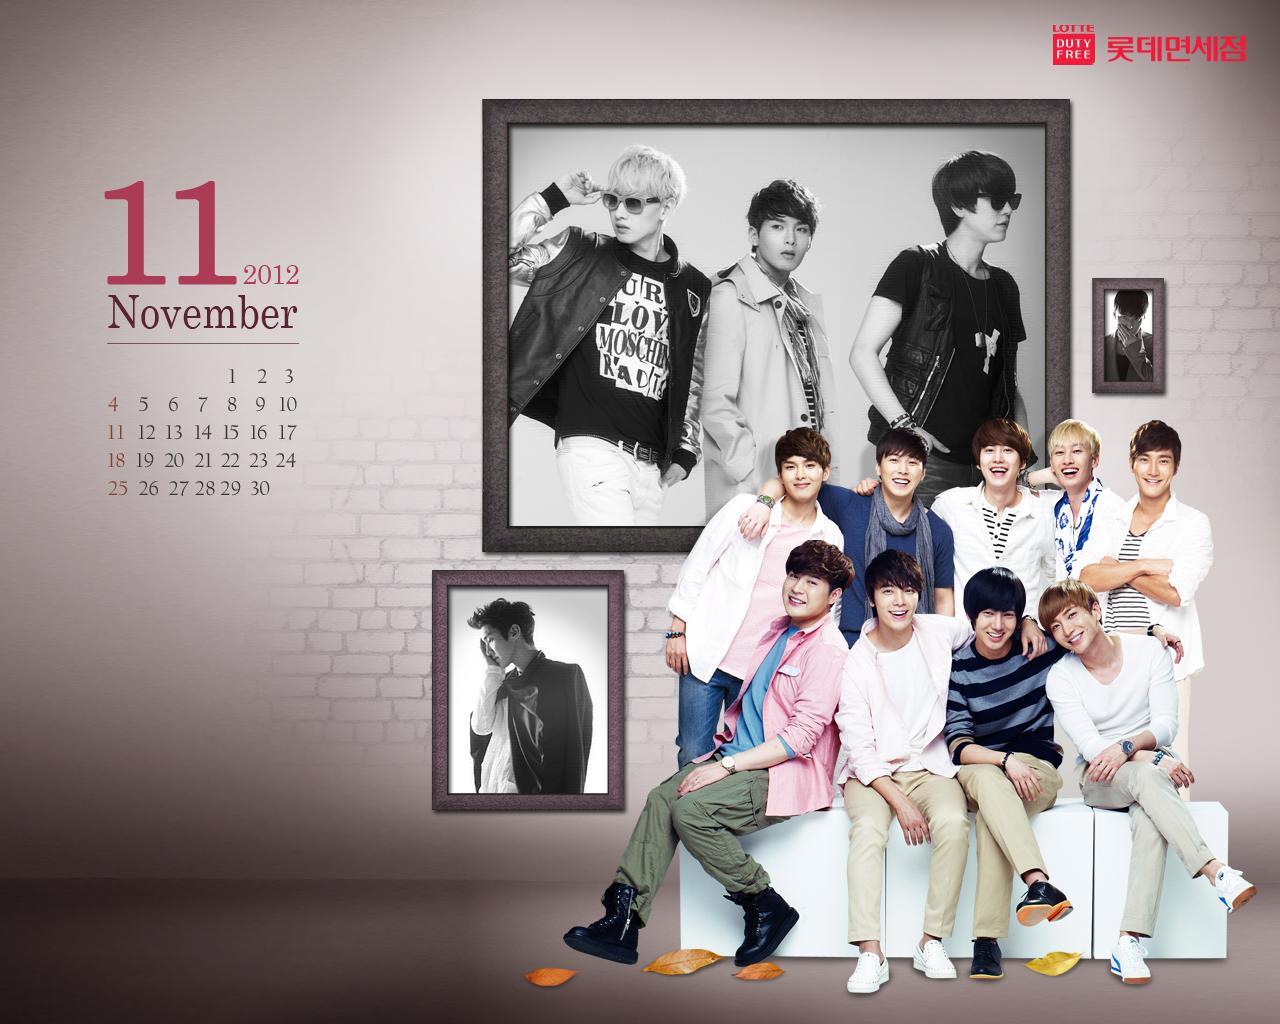 SuJu ~ 2012  Super Junior Wallpaper 32567472  Fanpop